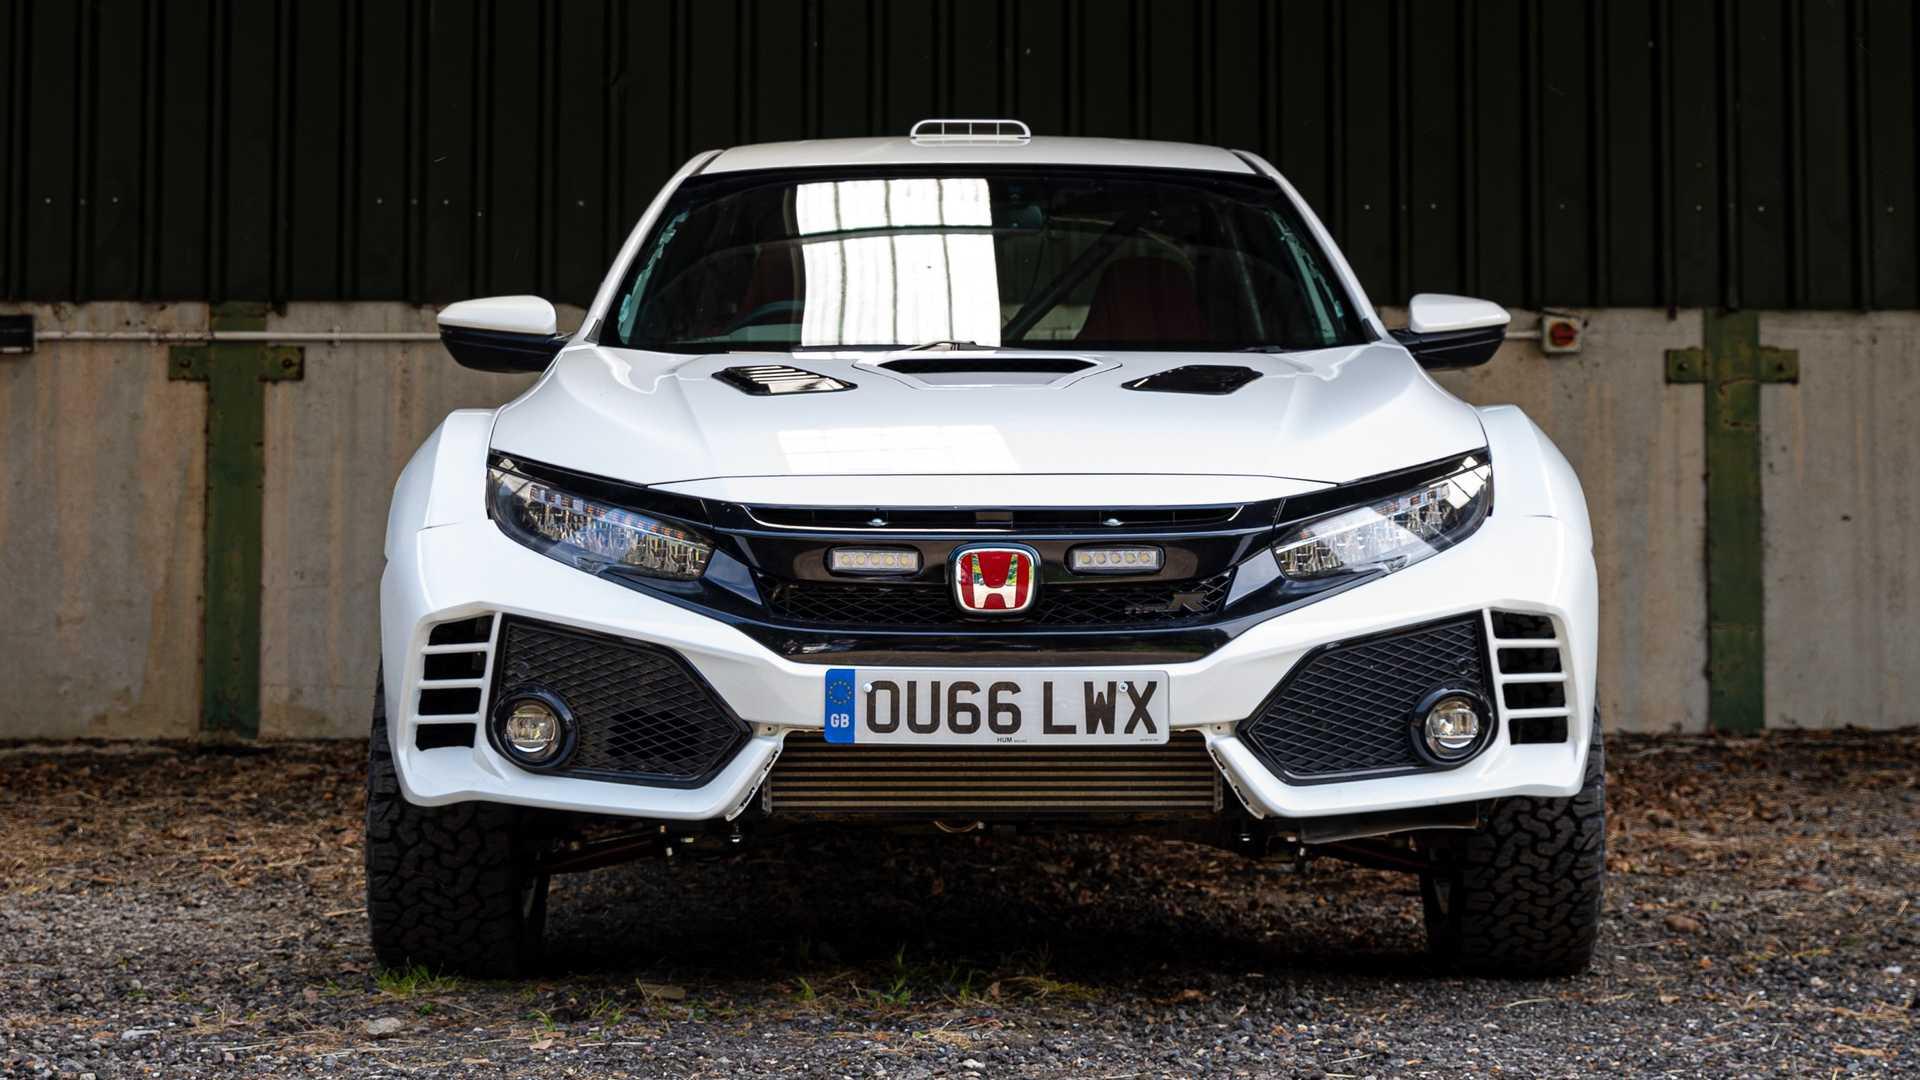 Заряженный Honda Civic Type R 2019 превратили в эффектный кроссовер